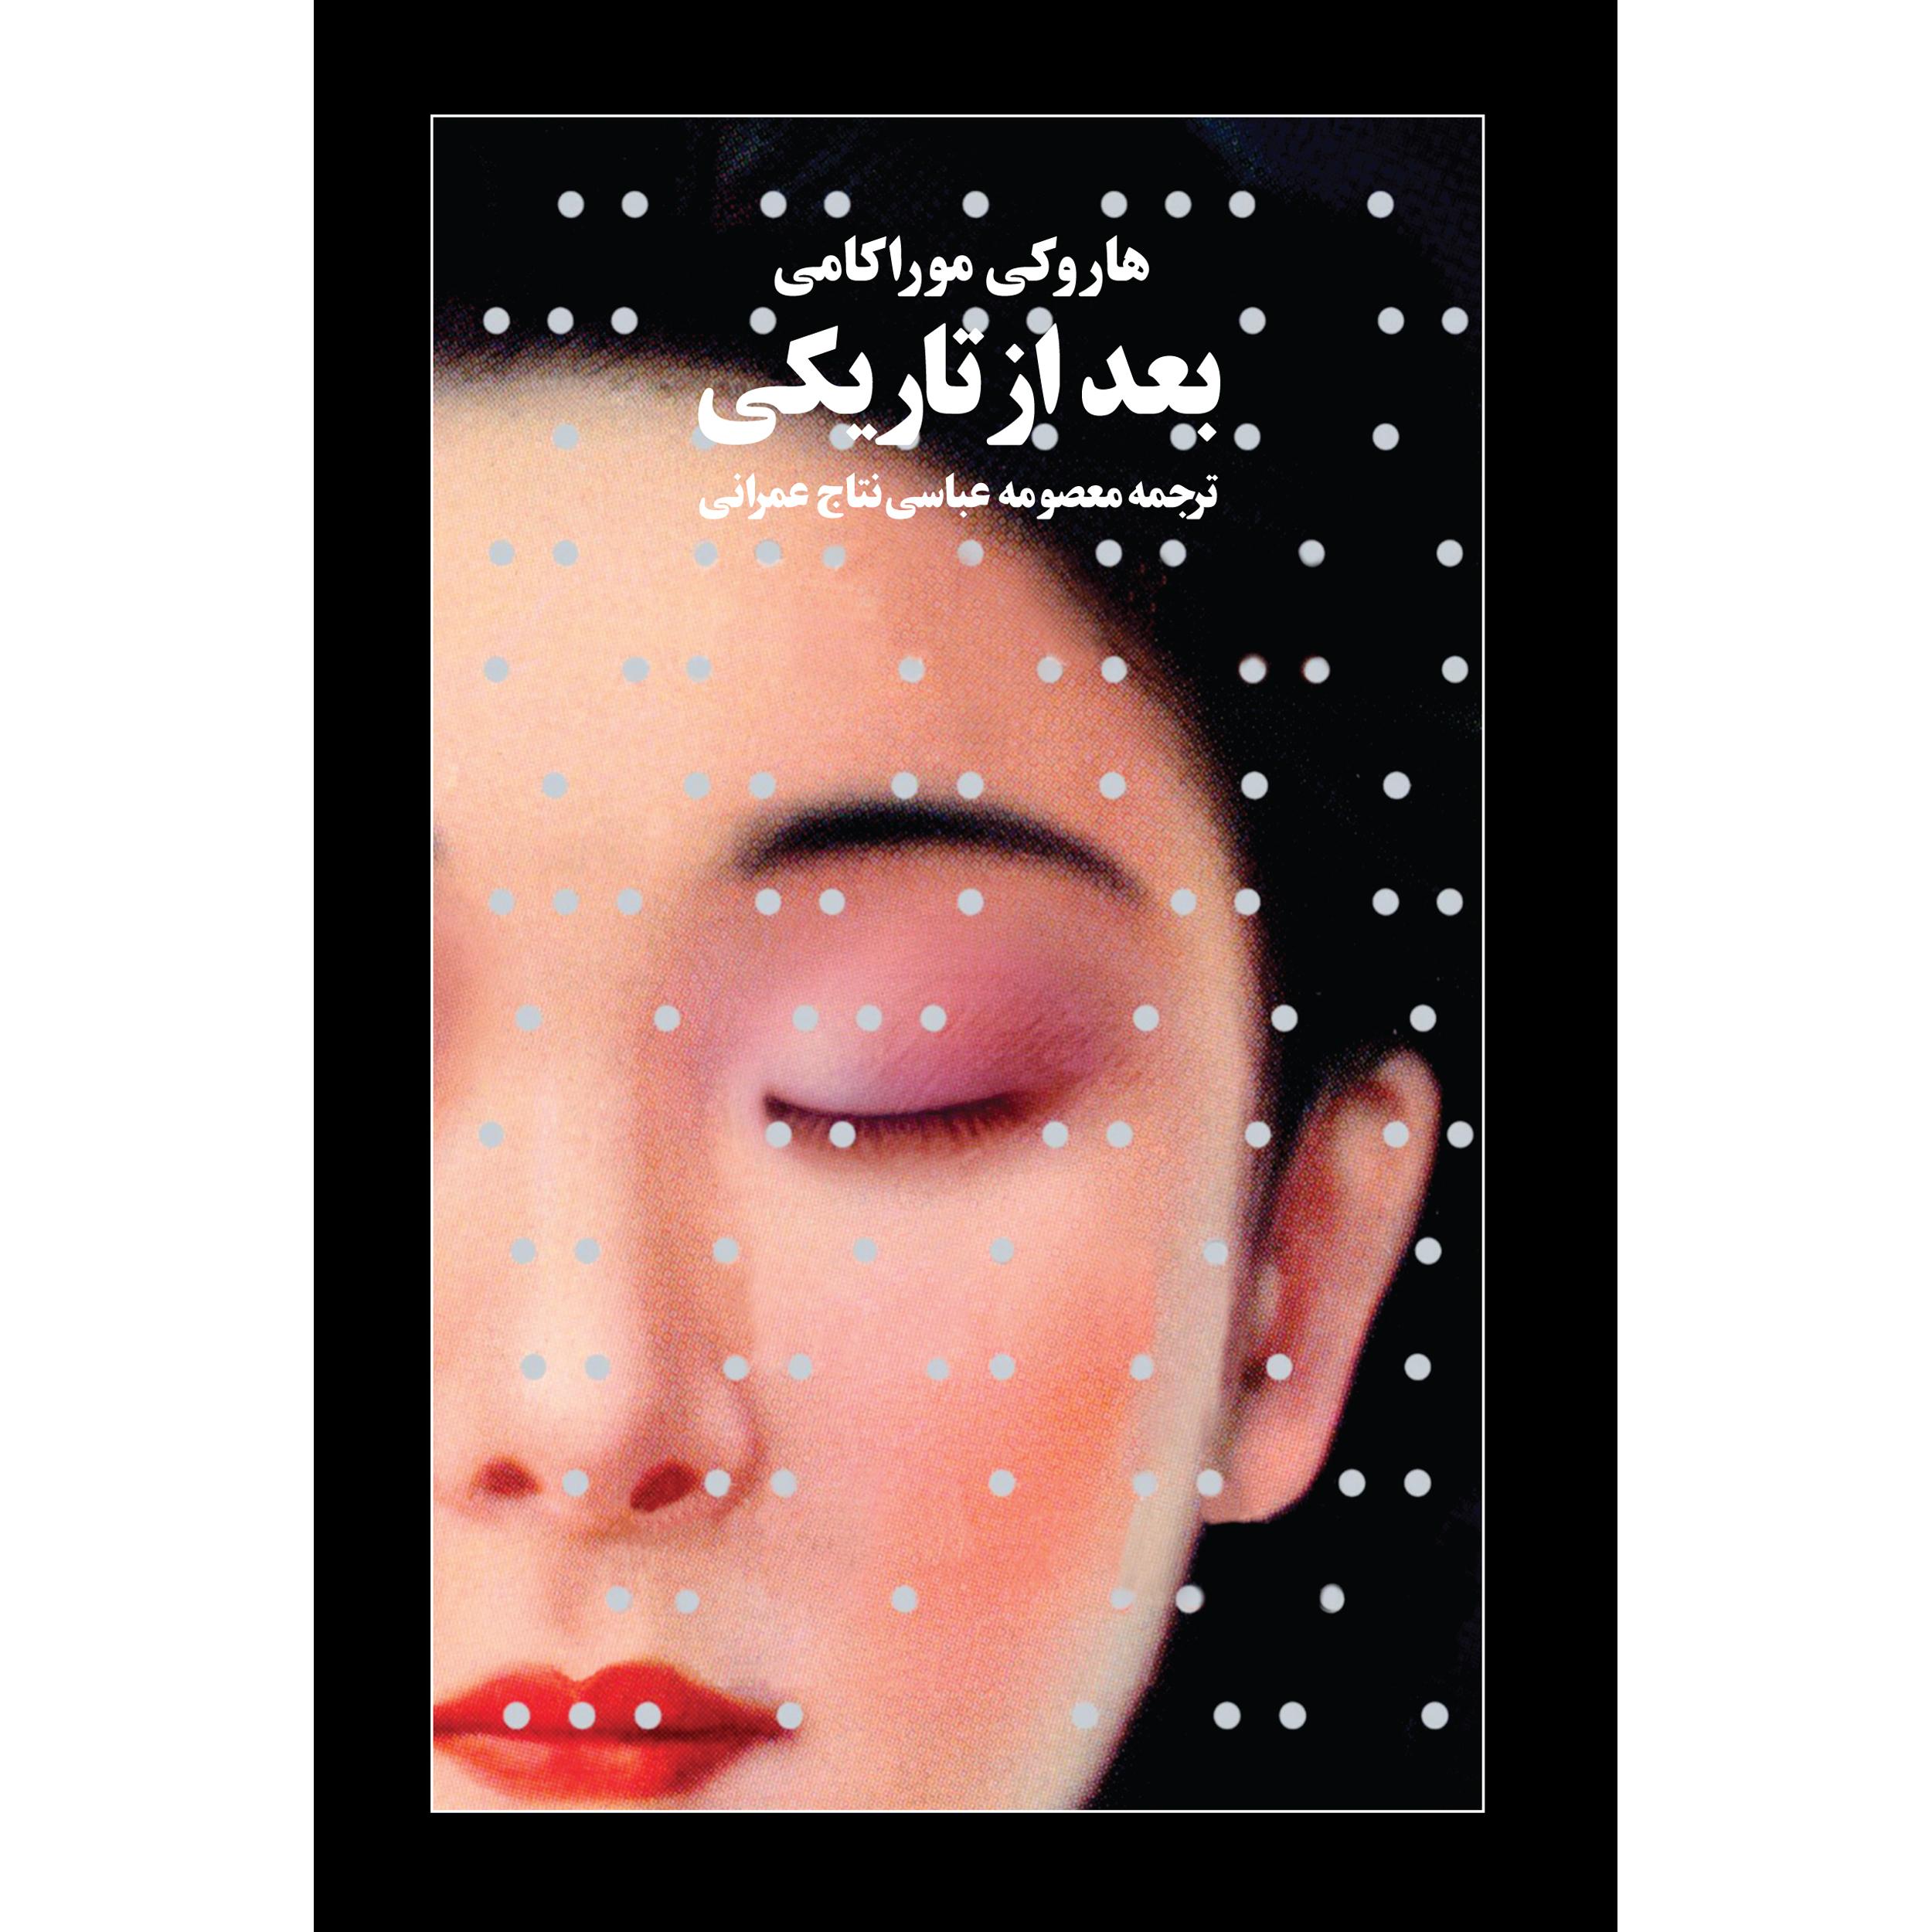 خرید                      کتاب بعد از تاریکی اثر هاروکی موراکامی انتشارات آوای مکتوب